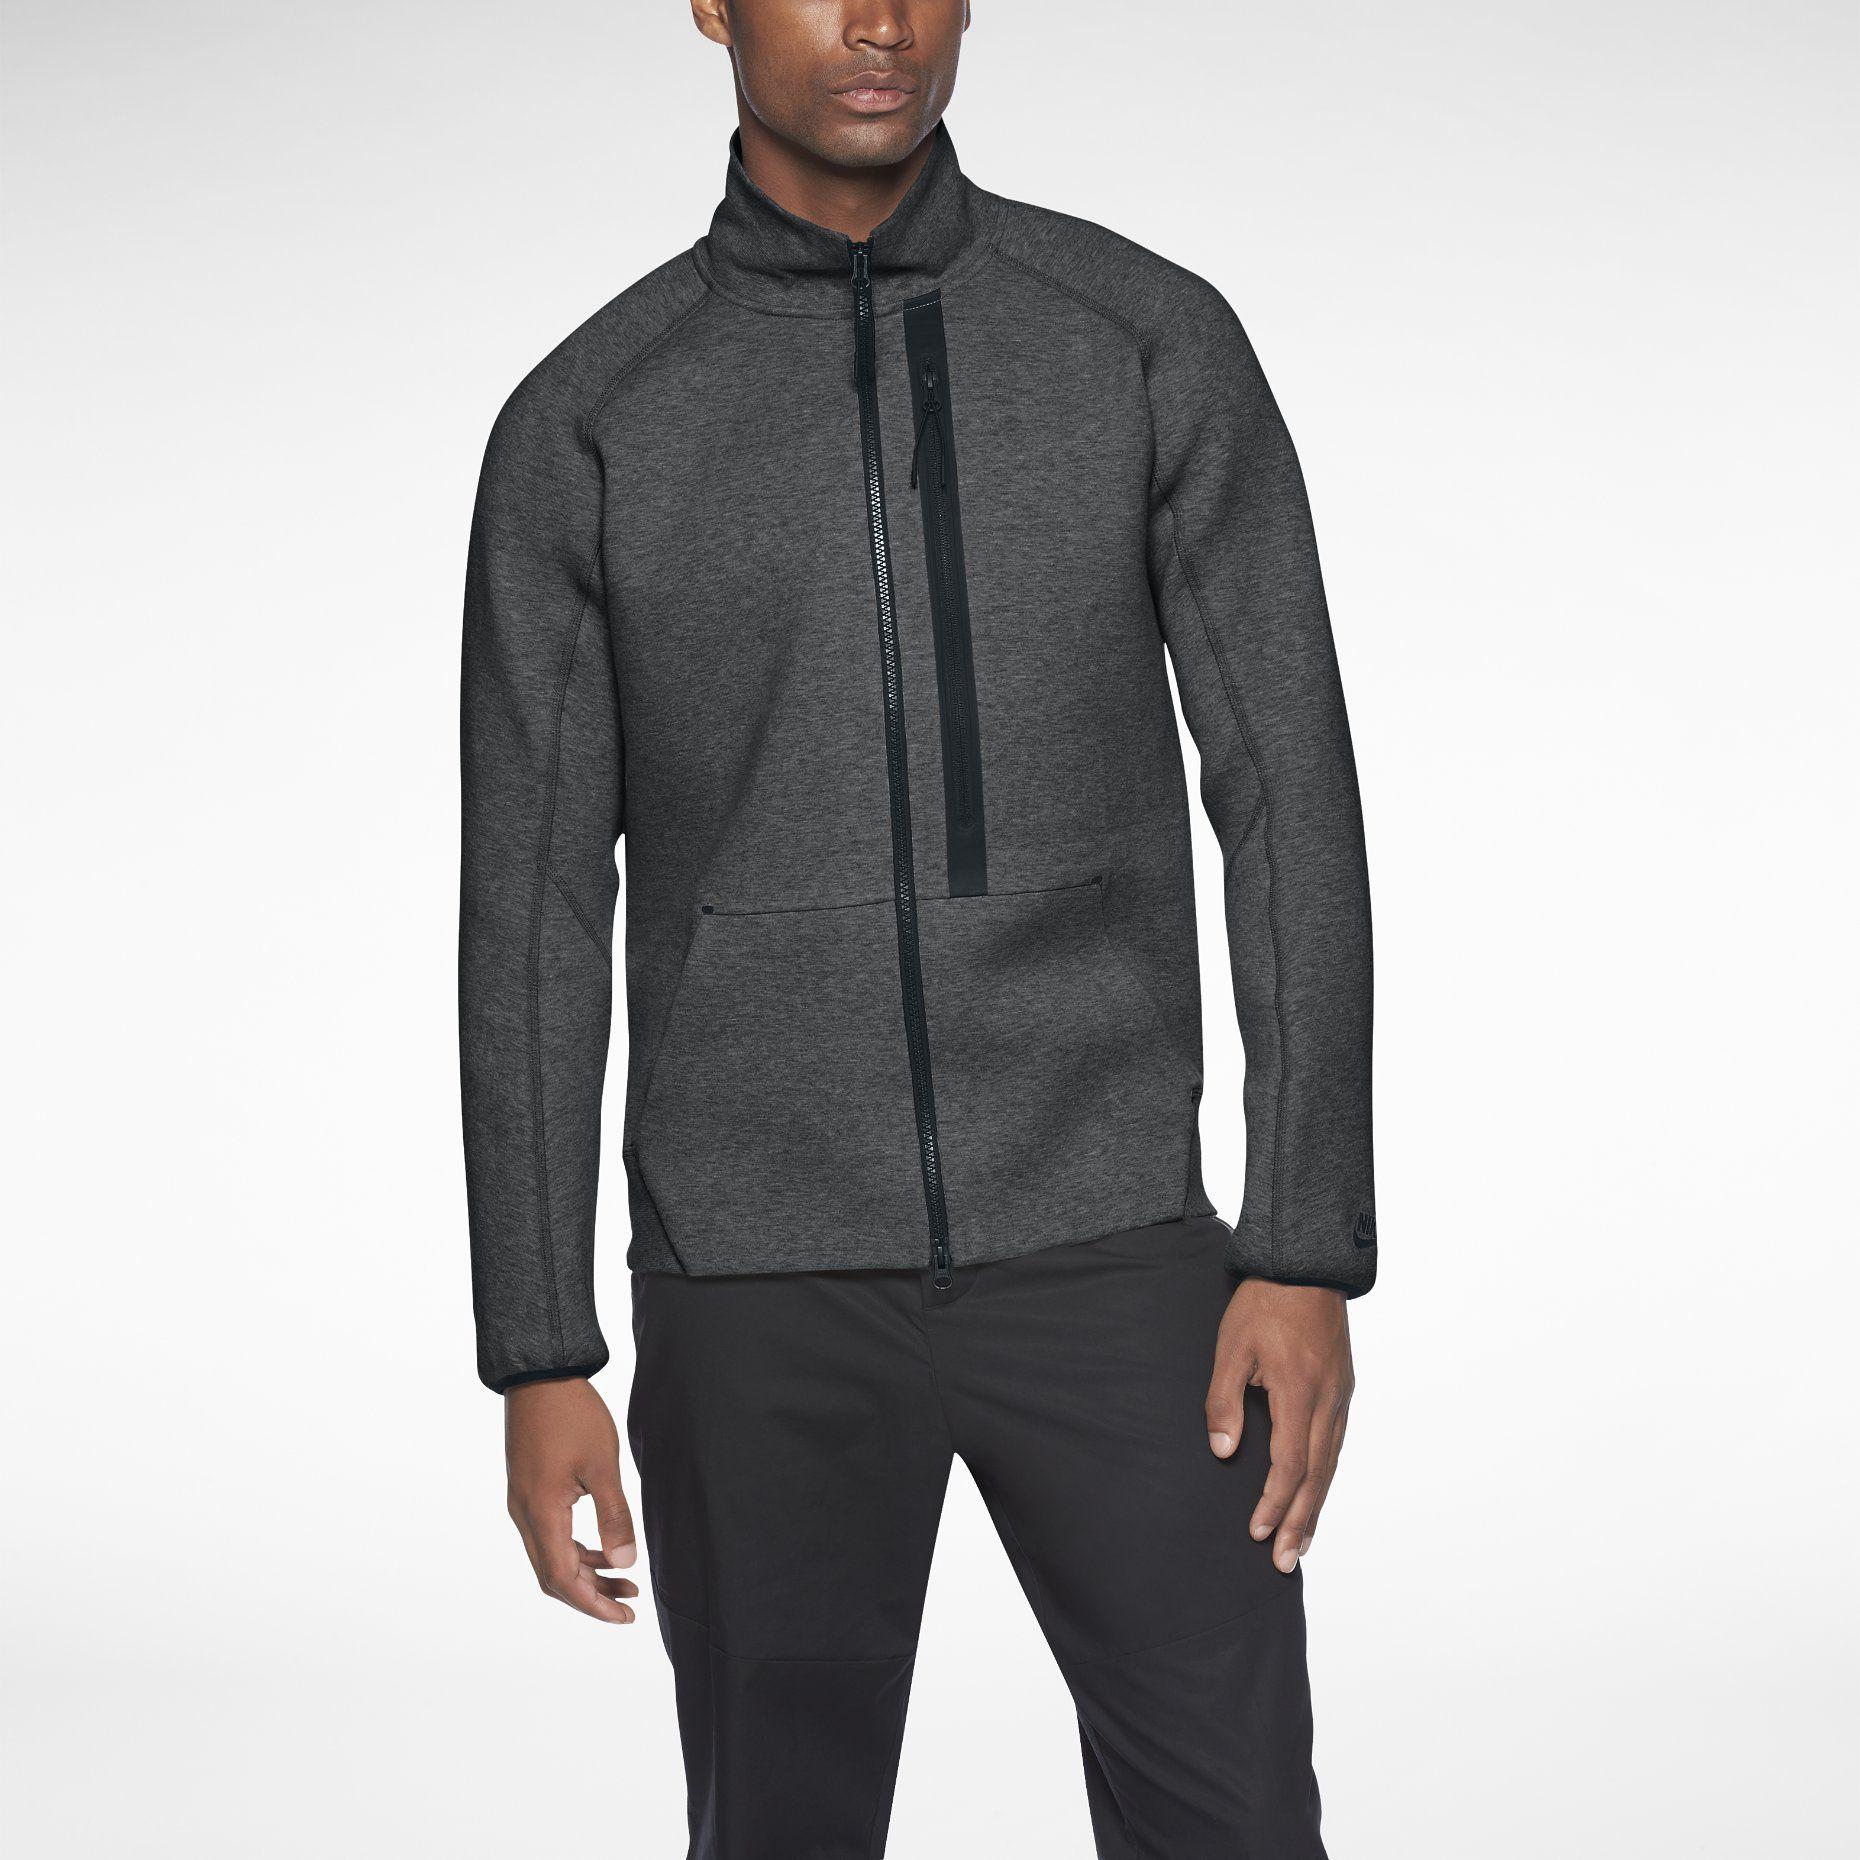 Nike store nike tech fleece n menus track jacket menus fitness